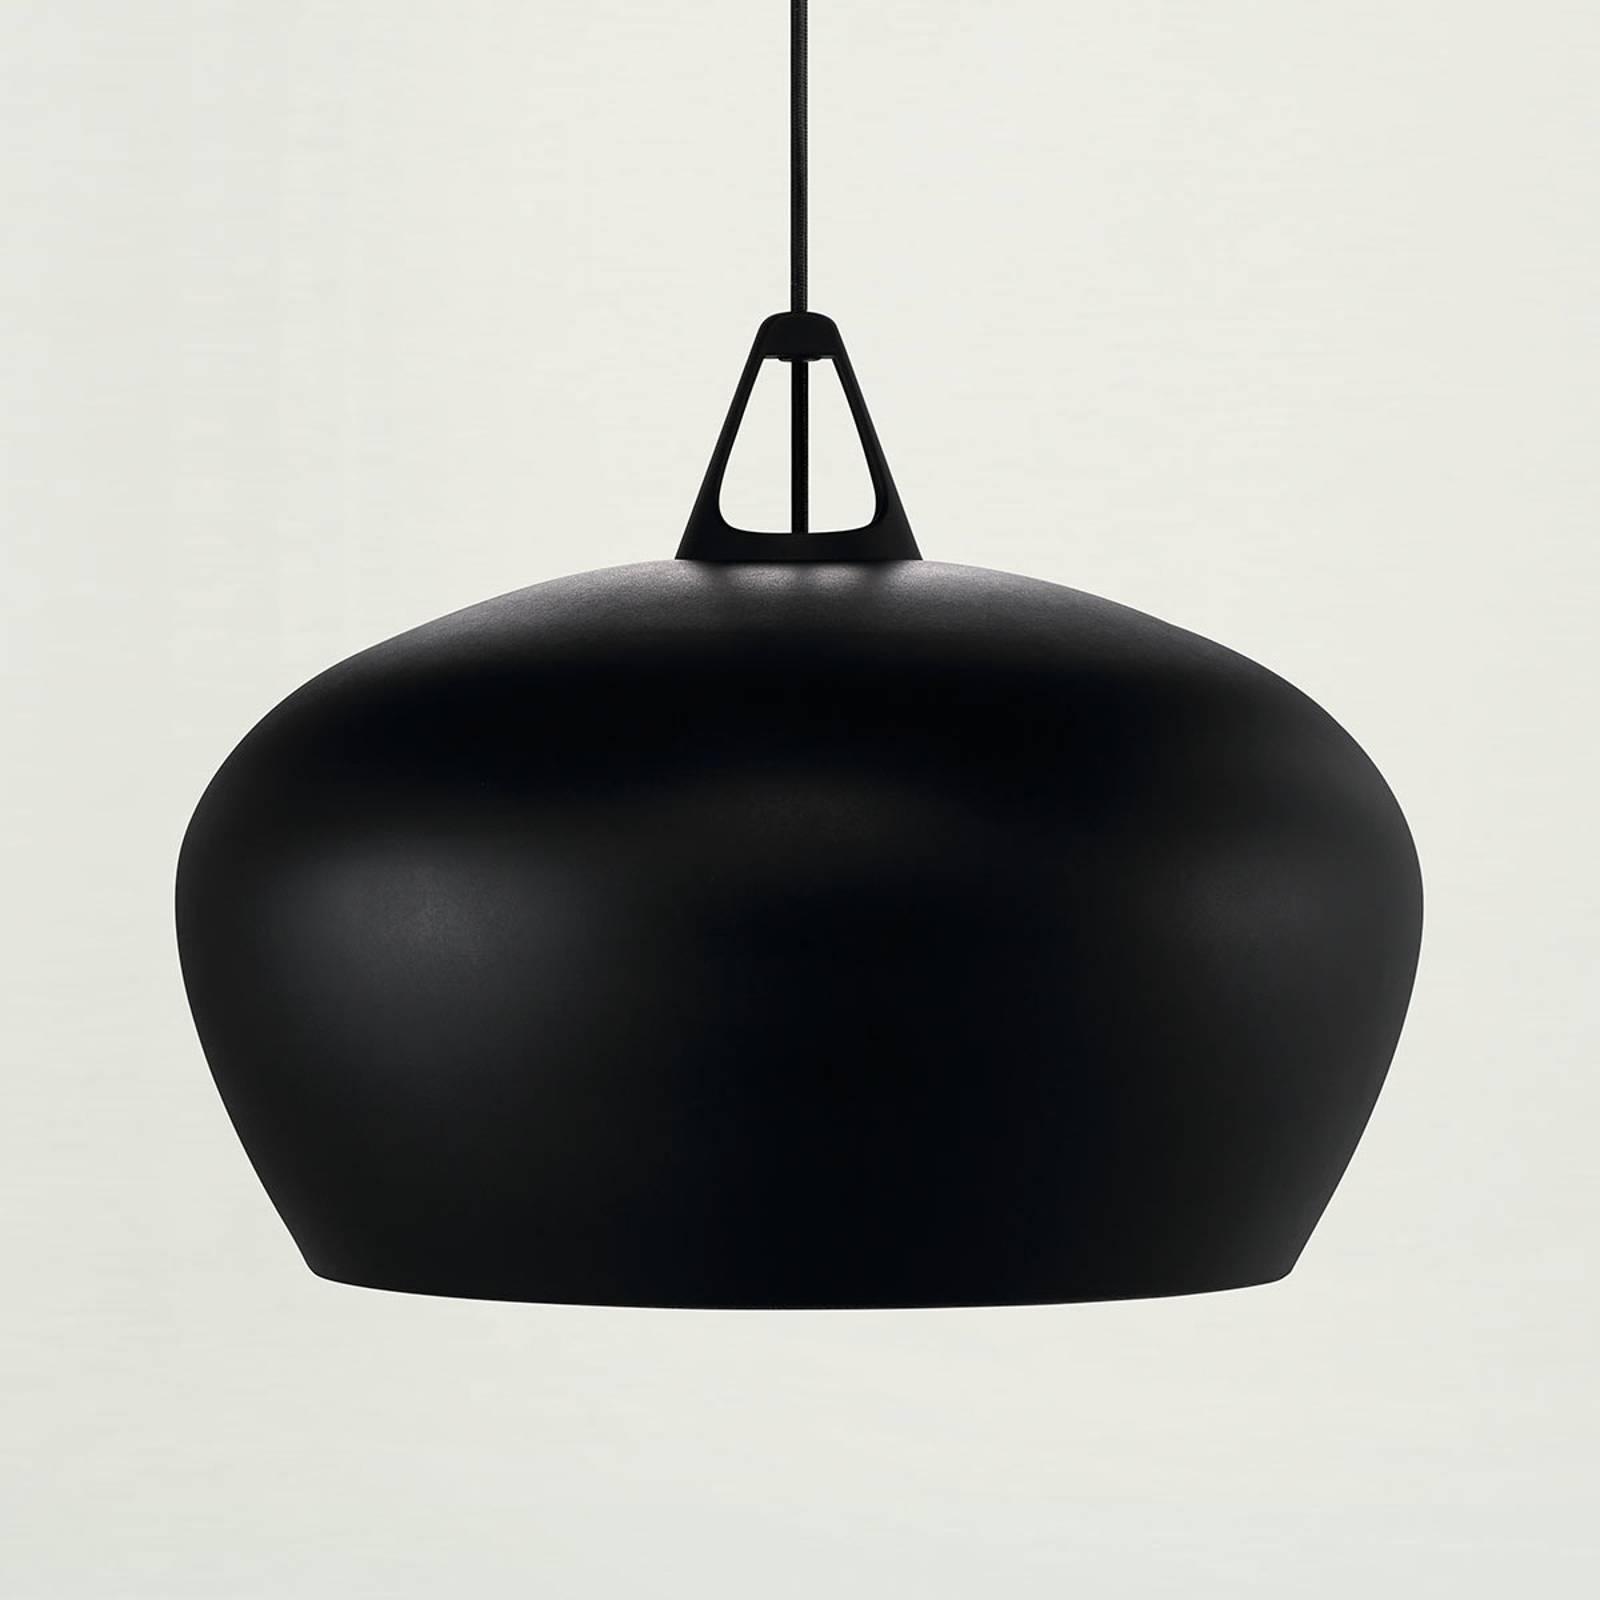 Vaikuttava Belly-riippuvalaisin, Ø 46 cm